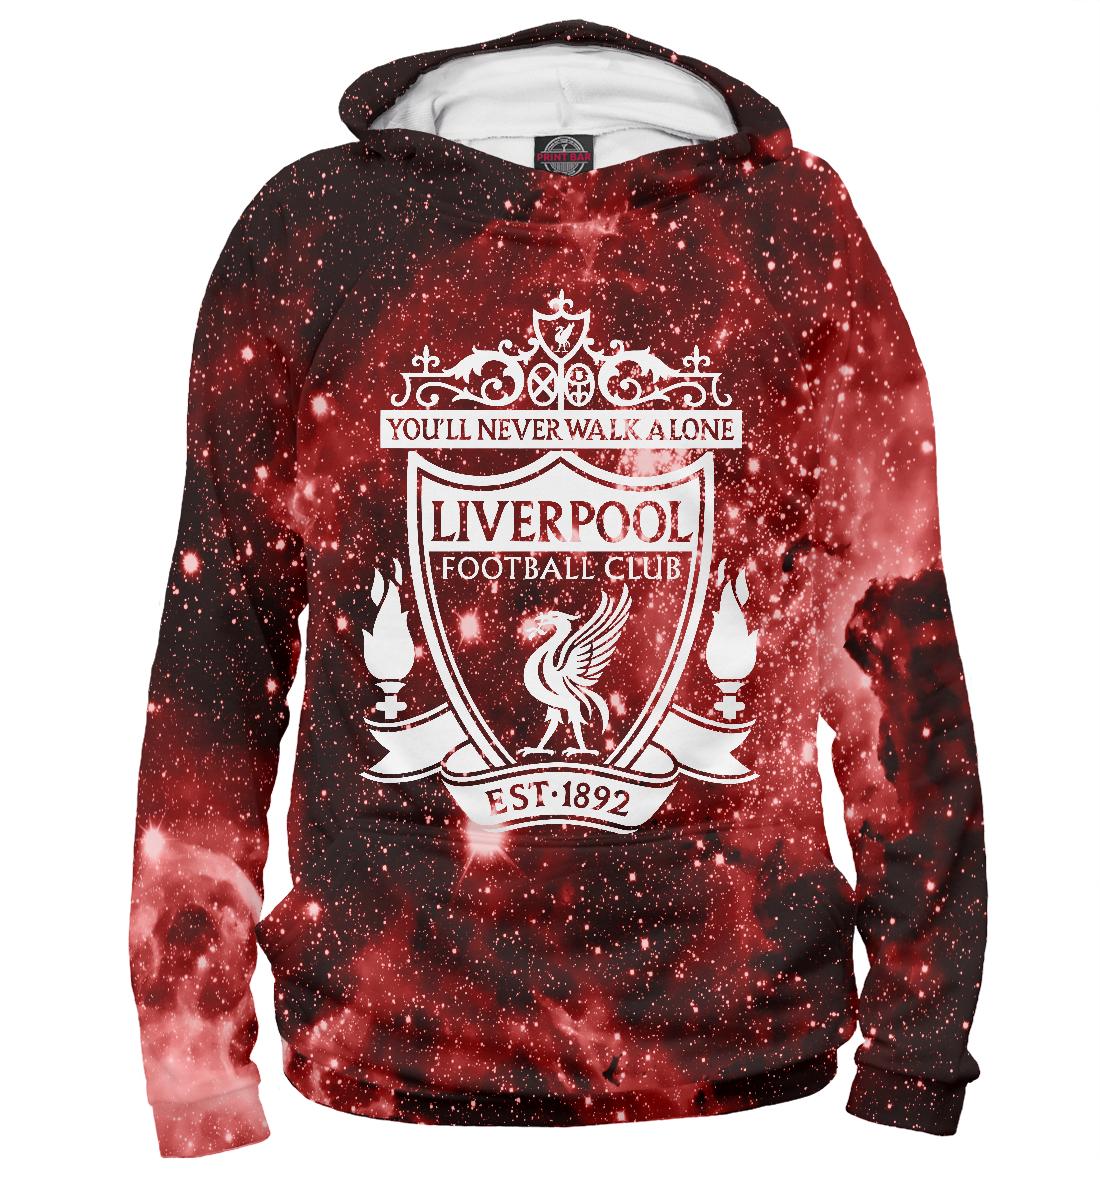 Купить FC Liverpool Cosmos, Printbar, Худи, LVP-749041-hud-2